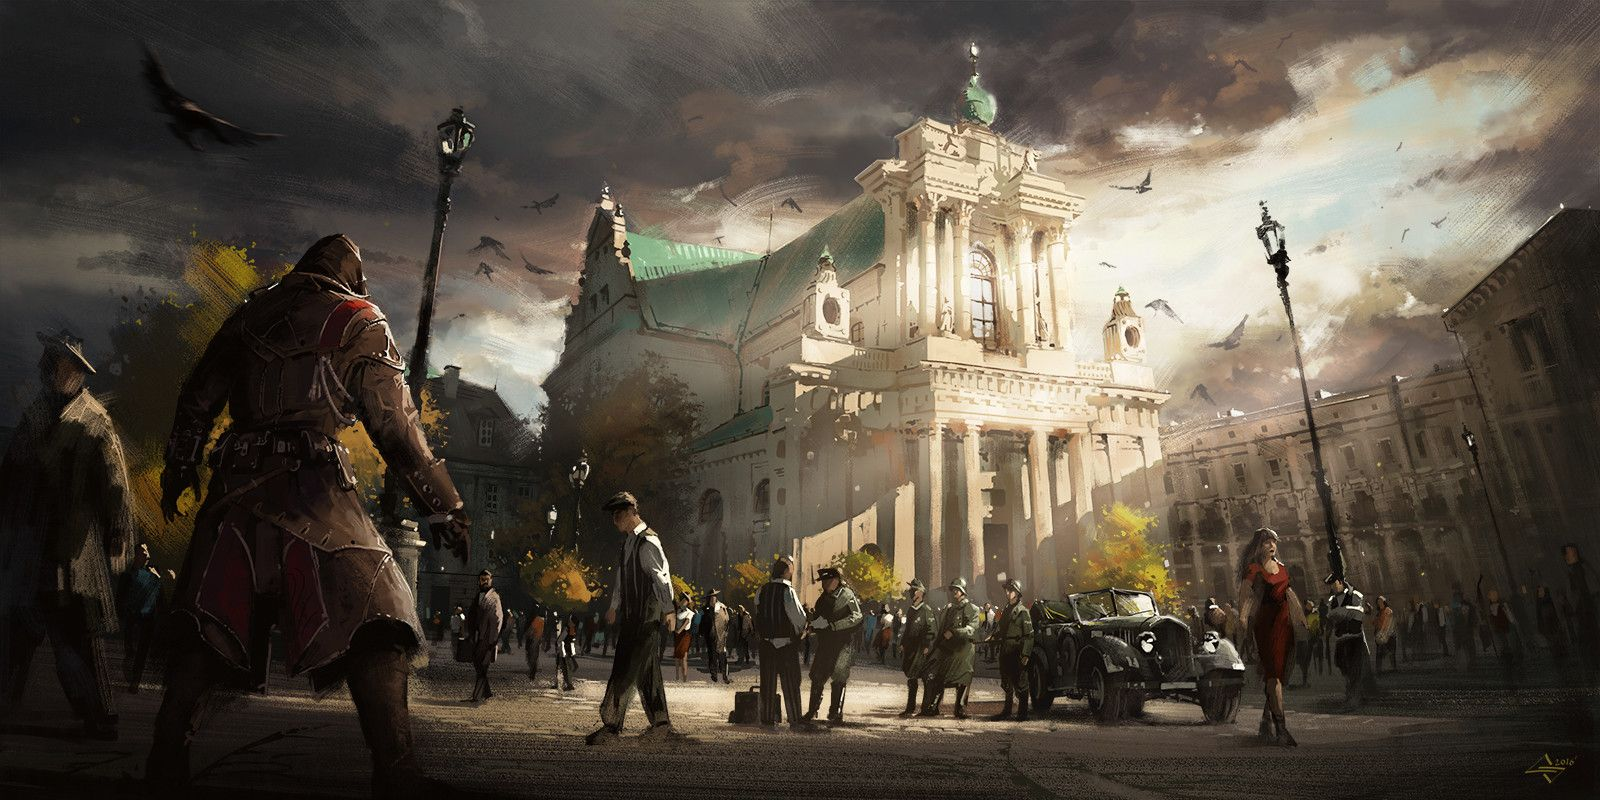 Assassin's Creed Uprising 44', Michał Sztuka on ArtStation at https://www.artstation.com/artwork/Xdoq3